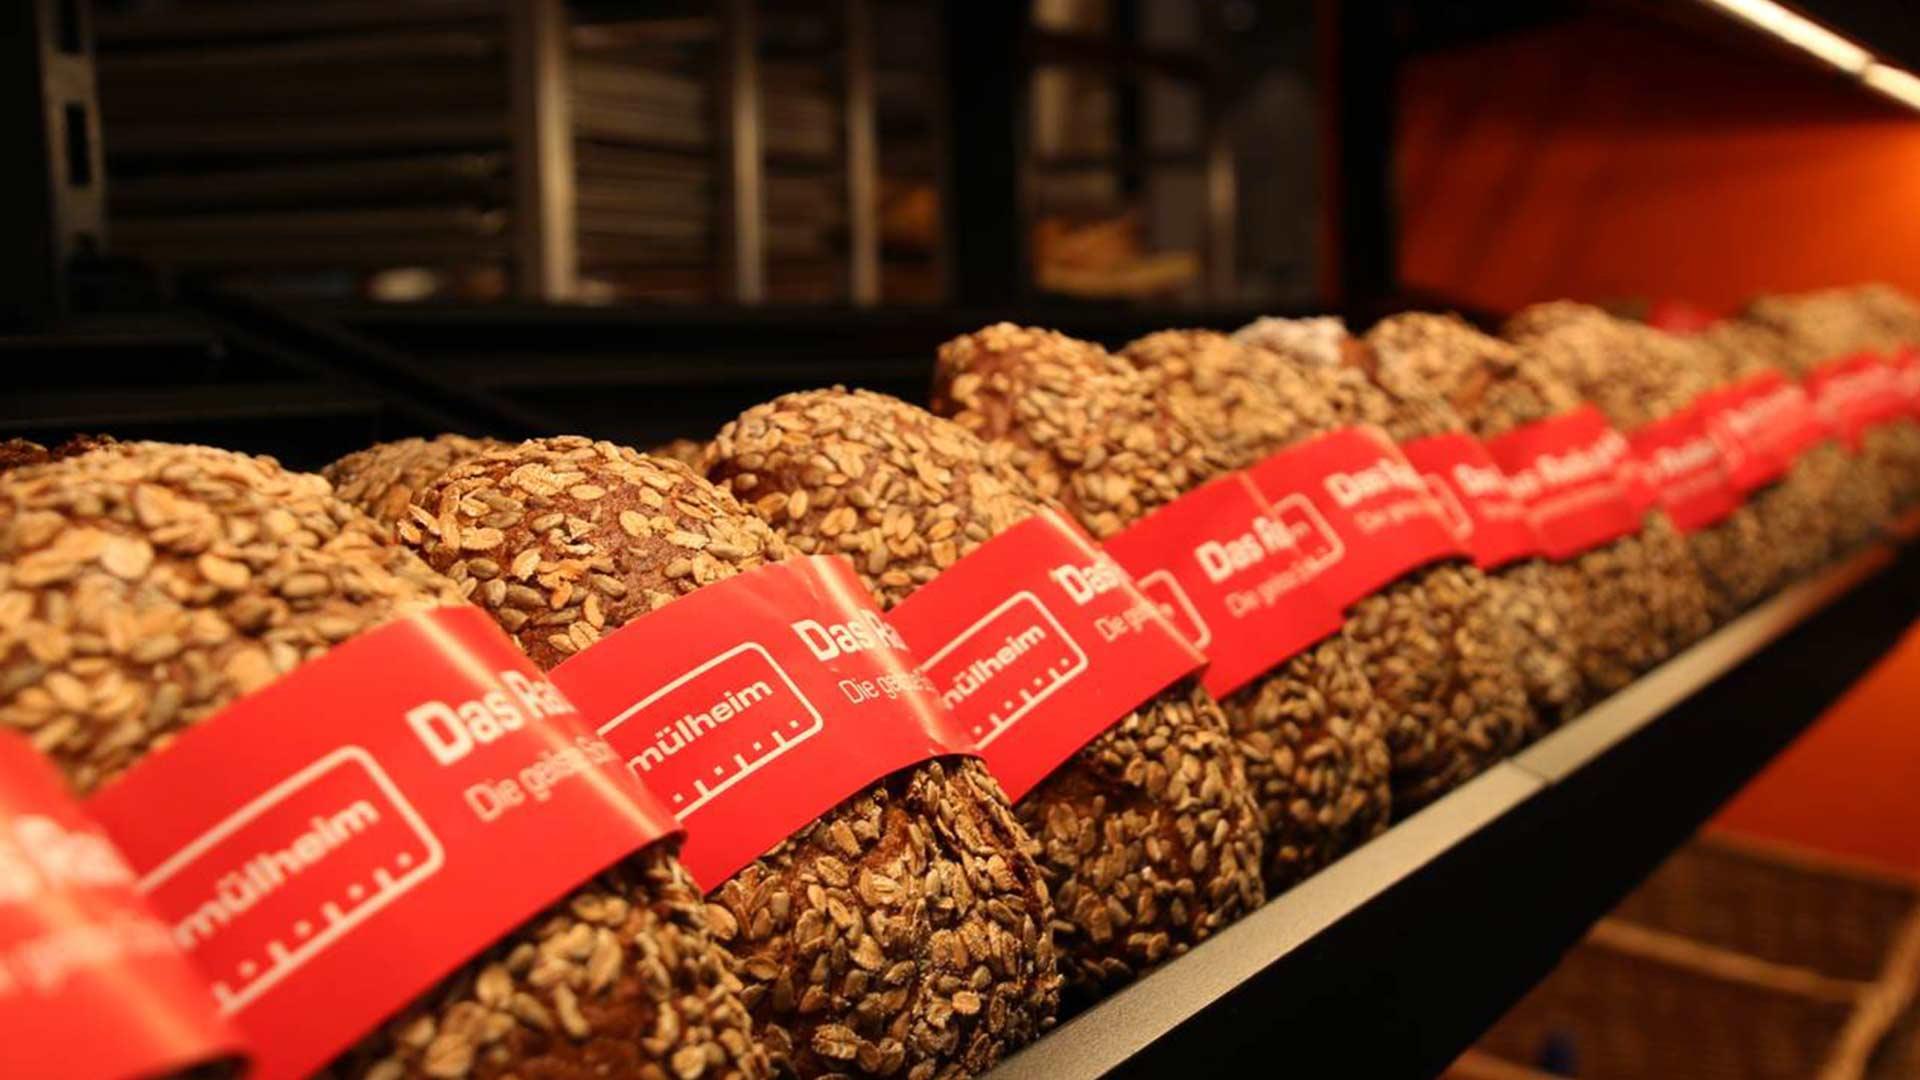 Das Radio Mülheim-Brot wird an mehreren Filialstandorten verkauft und bindet Kunden nachhaltig. Foto: Westfunk